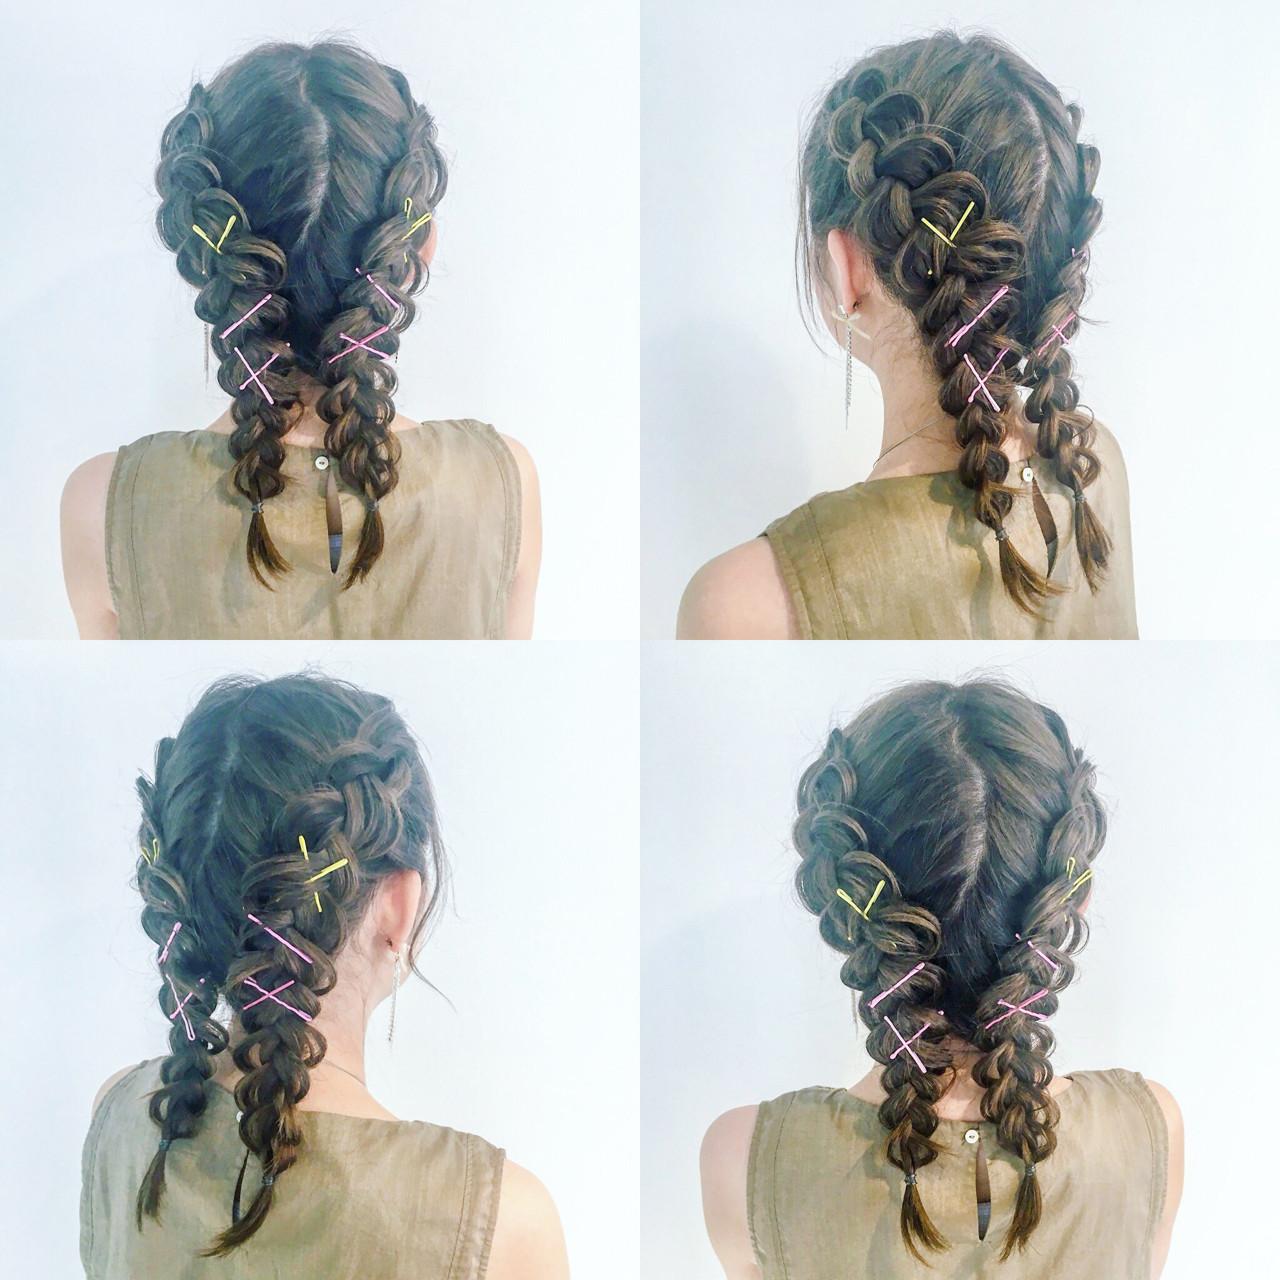 セミロング ガーリー ヘアアレンジ かわいい ヘアスタイルや髪型の写真・画像